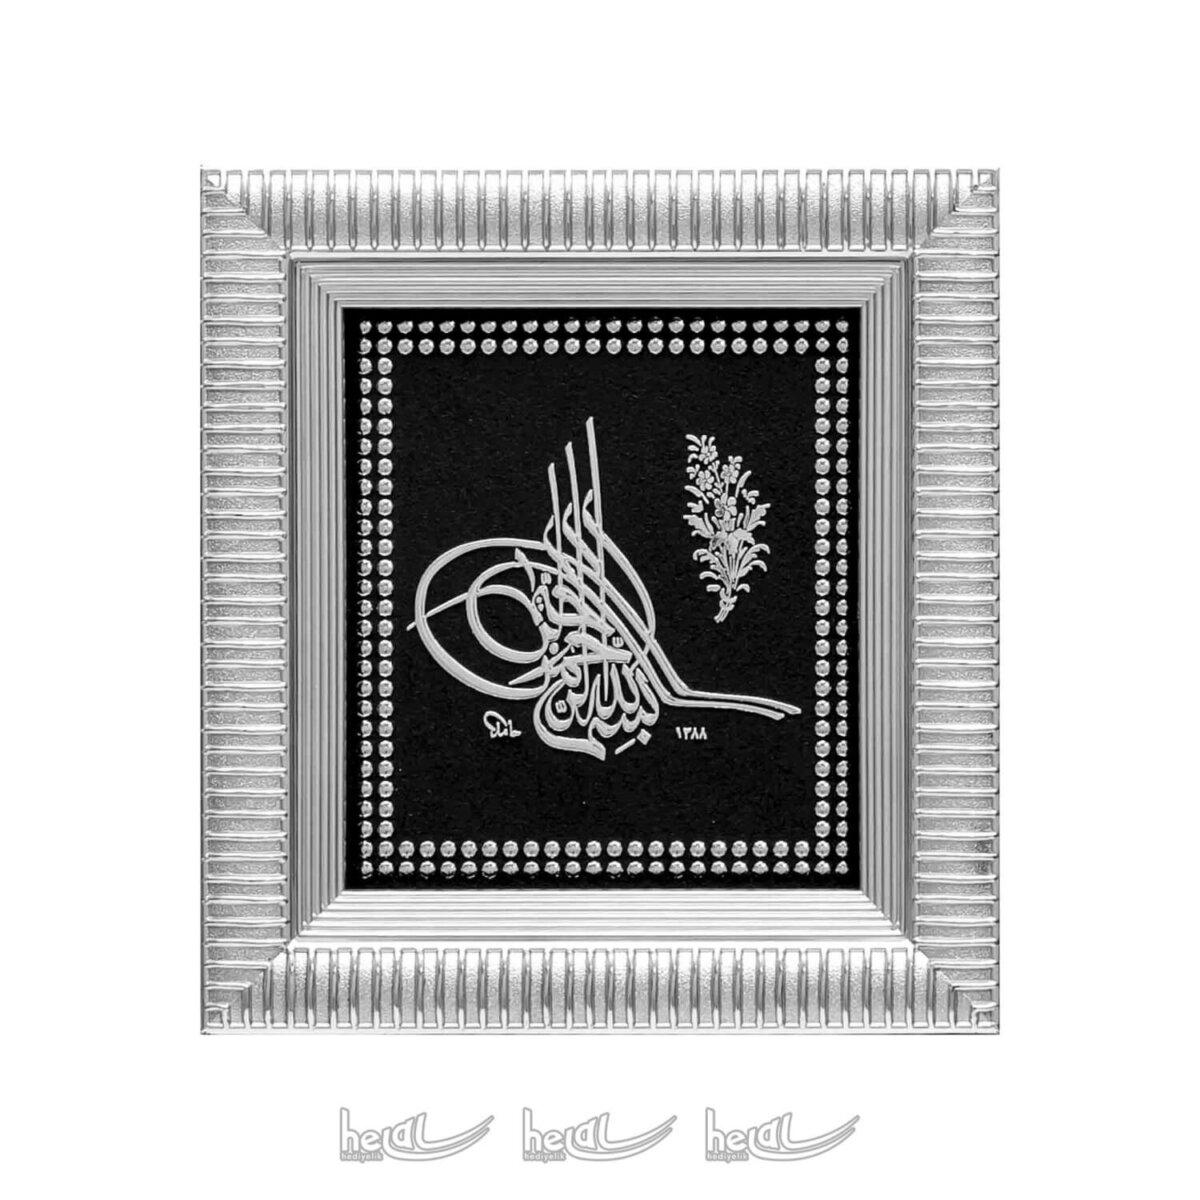 18x20cm Osmanlı Besmele Tuğrası Masa Üstü ve Duvara Çerçeveli Mini Tablo Osmanlı Tabloları